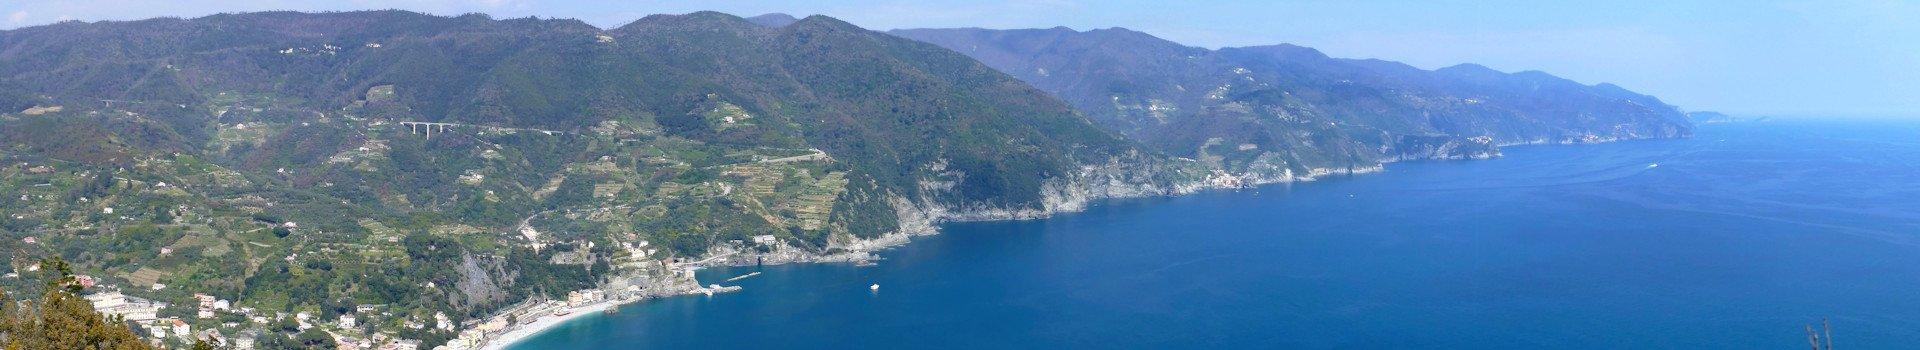 Sentiero Verdeazzurro: Monterosso – Vernazza